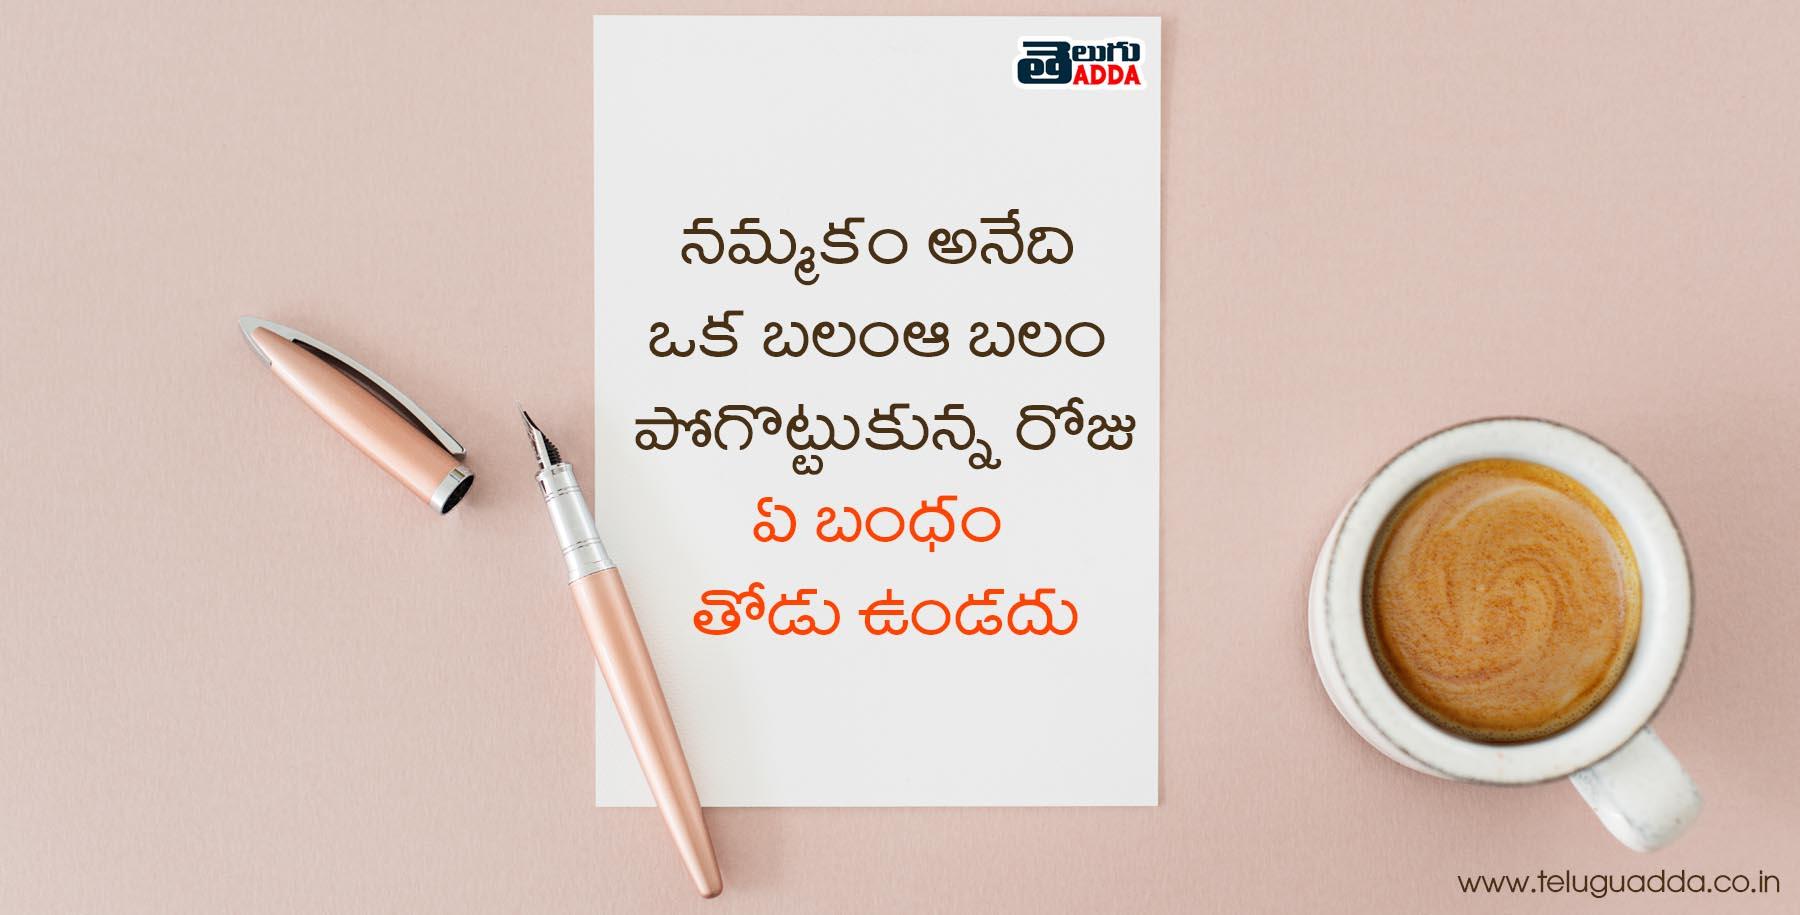 Best Telugu Quotes